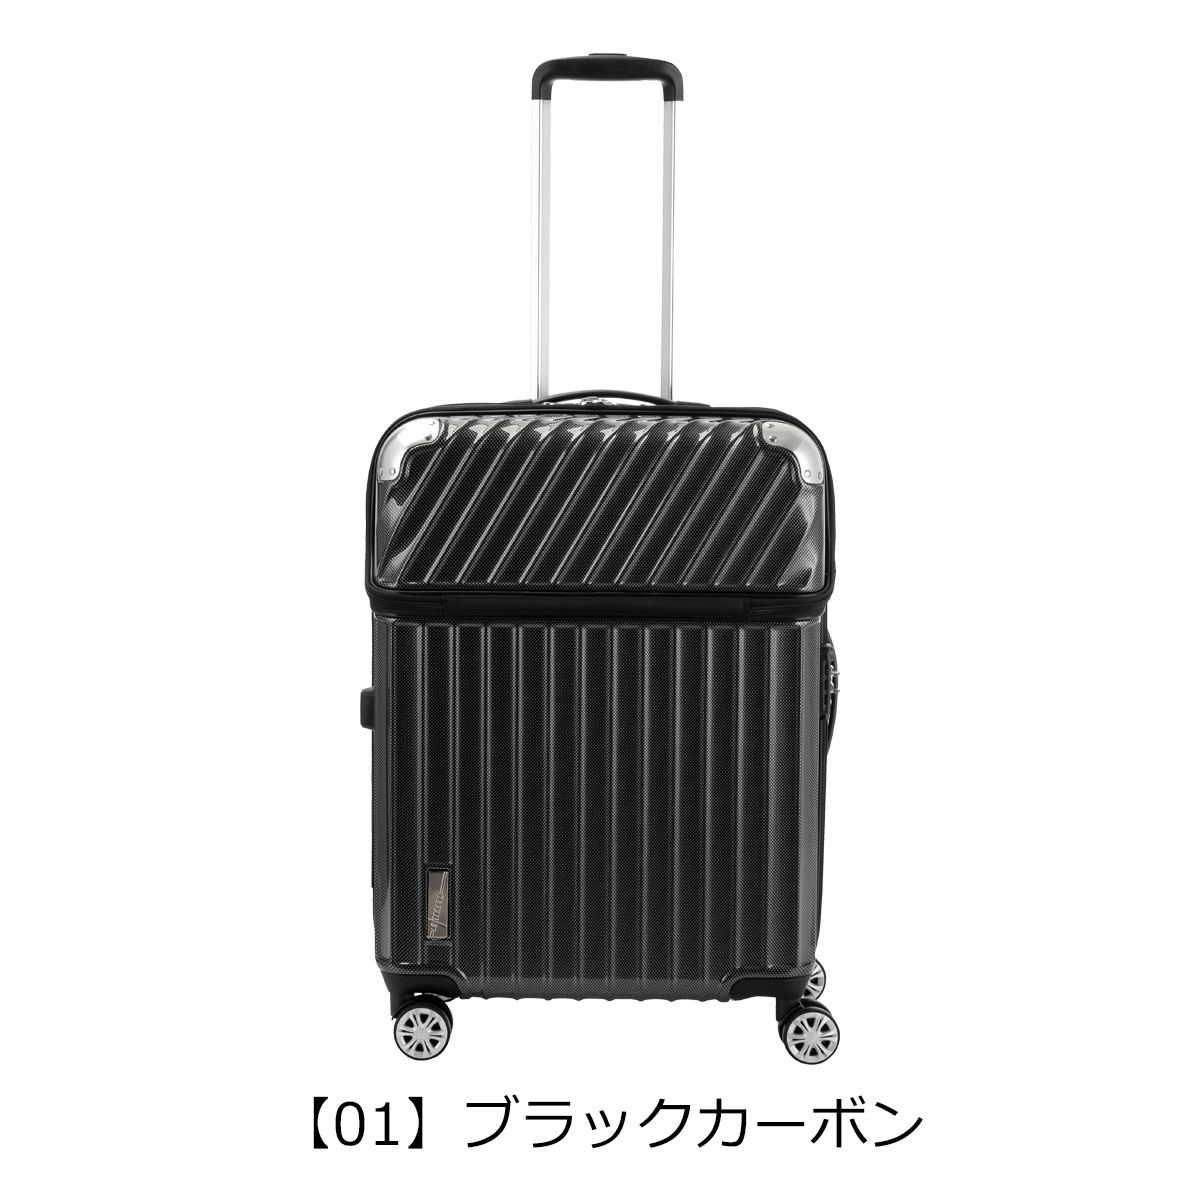 【01】ブラックカーボン